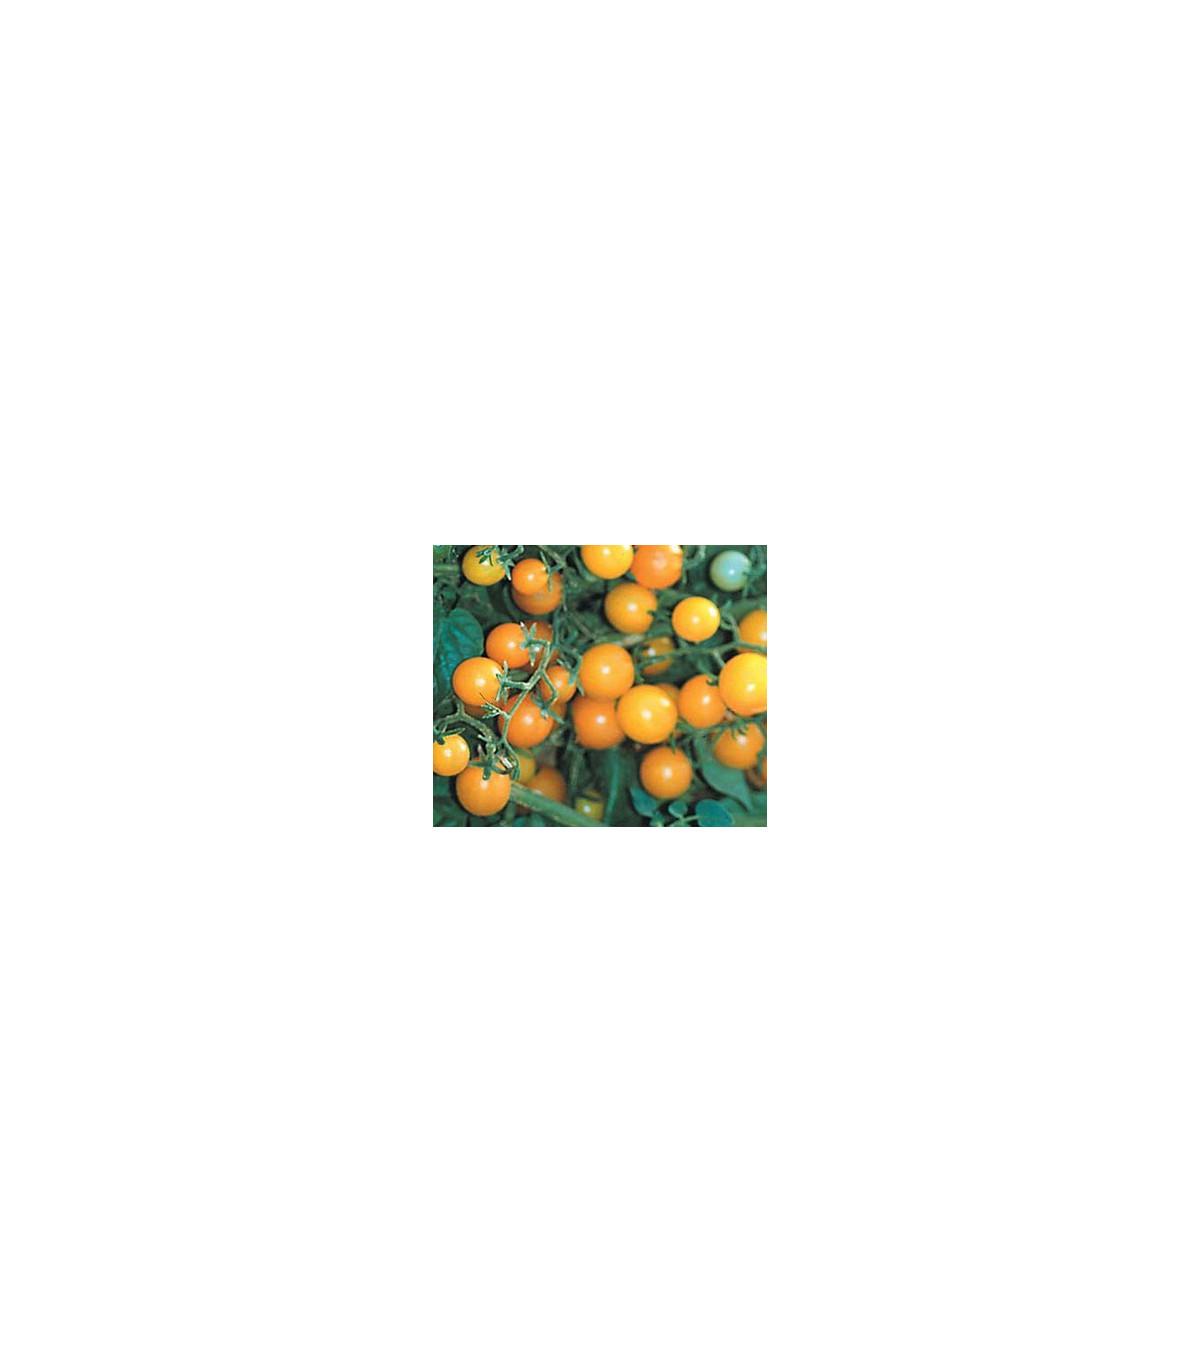 Divá paradajka žltá - Lycopersicon pimpinellifolium - predaj semien divých paradajok - 6 ks